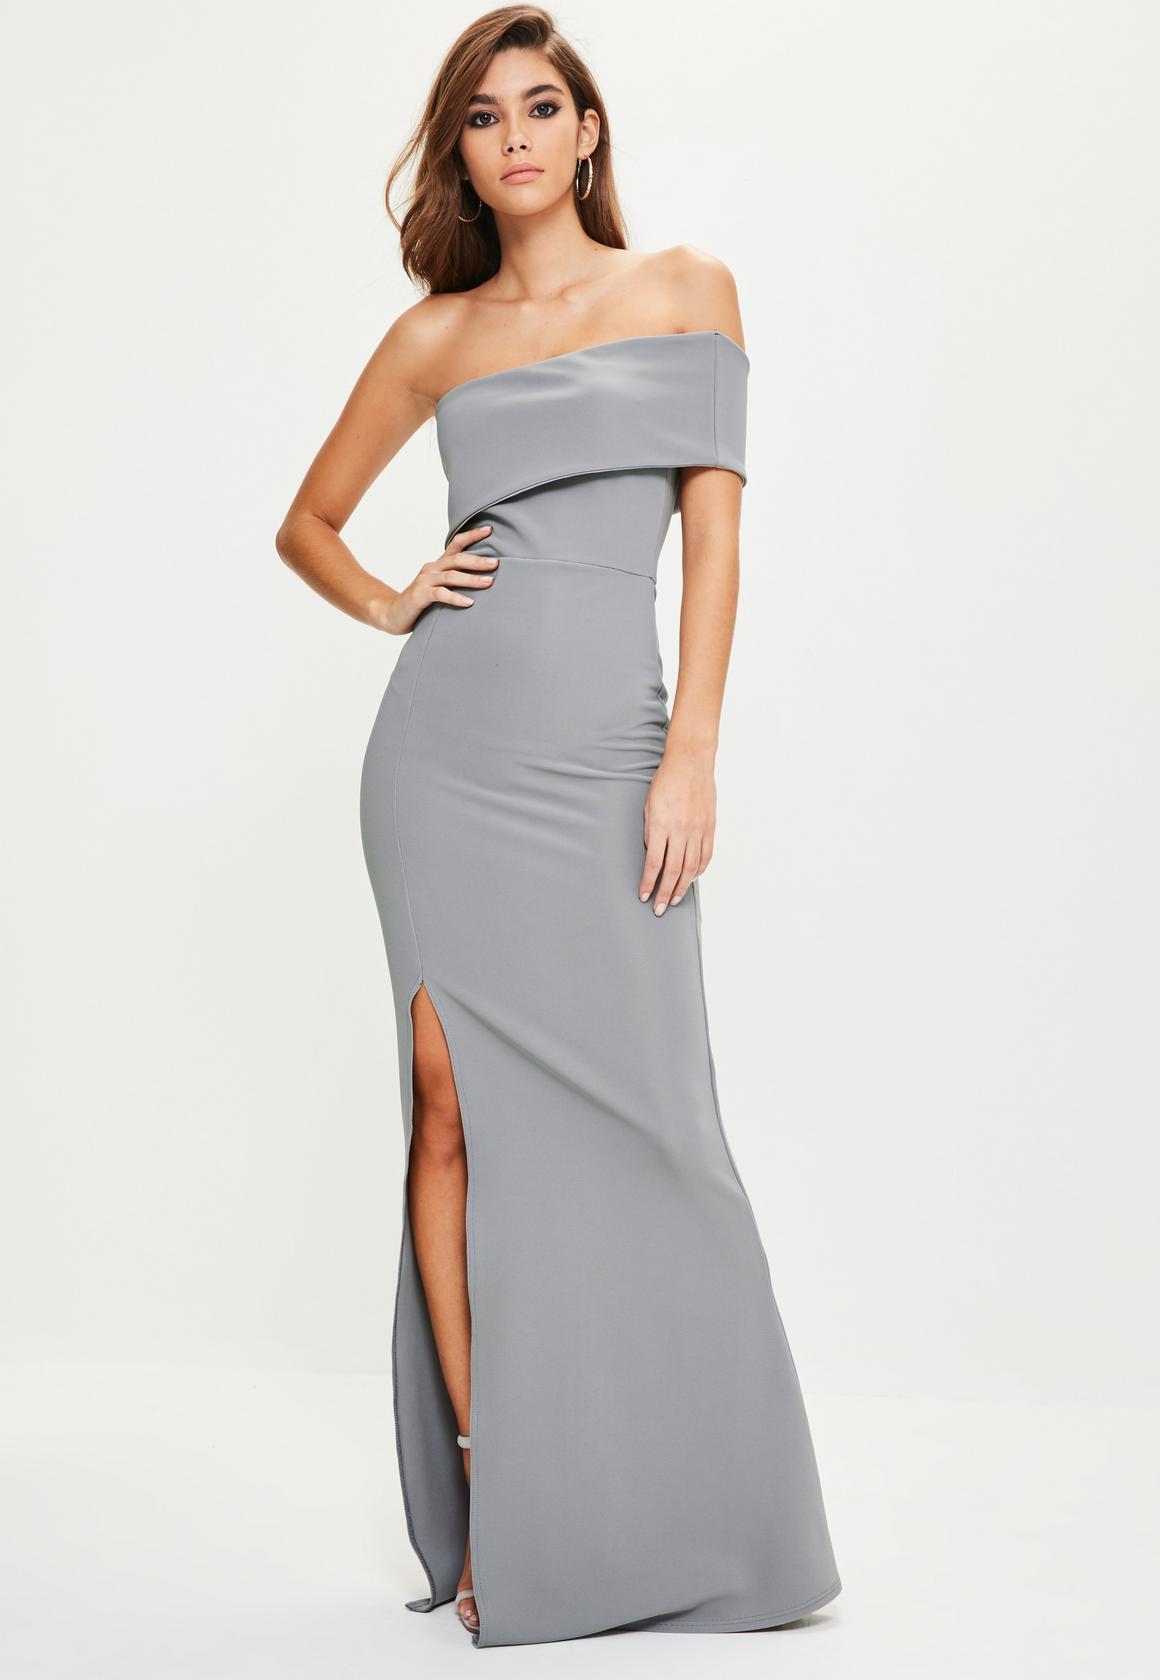 8c2fe699d03 Szara, długa suknia na jedno ramie z rozcięciem